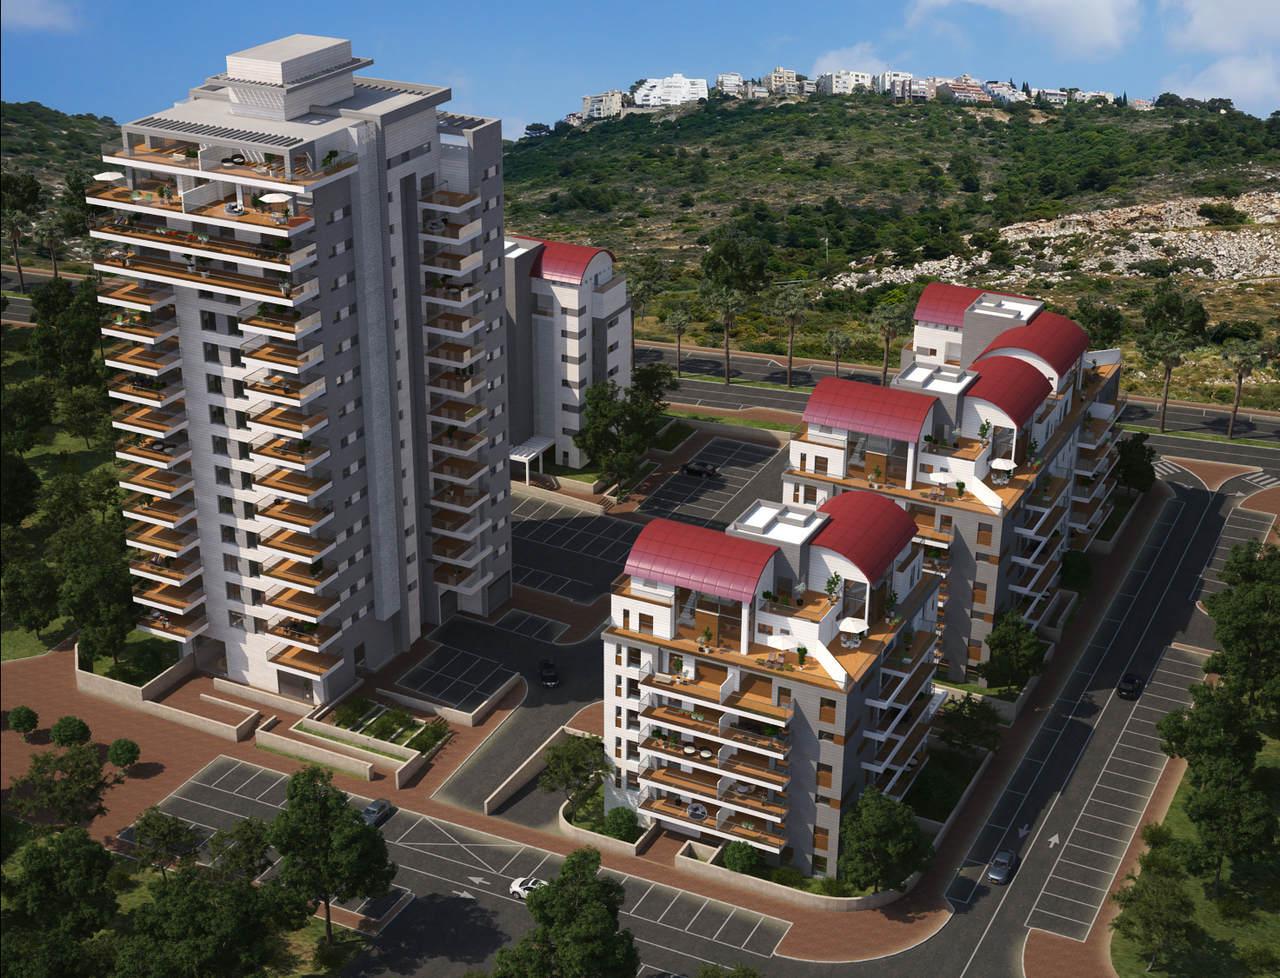 פרויקט טורקיז בנאות פרס (הדמיה: חברת הבנייה יוסי אברהמי)